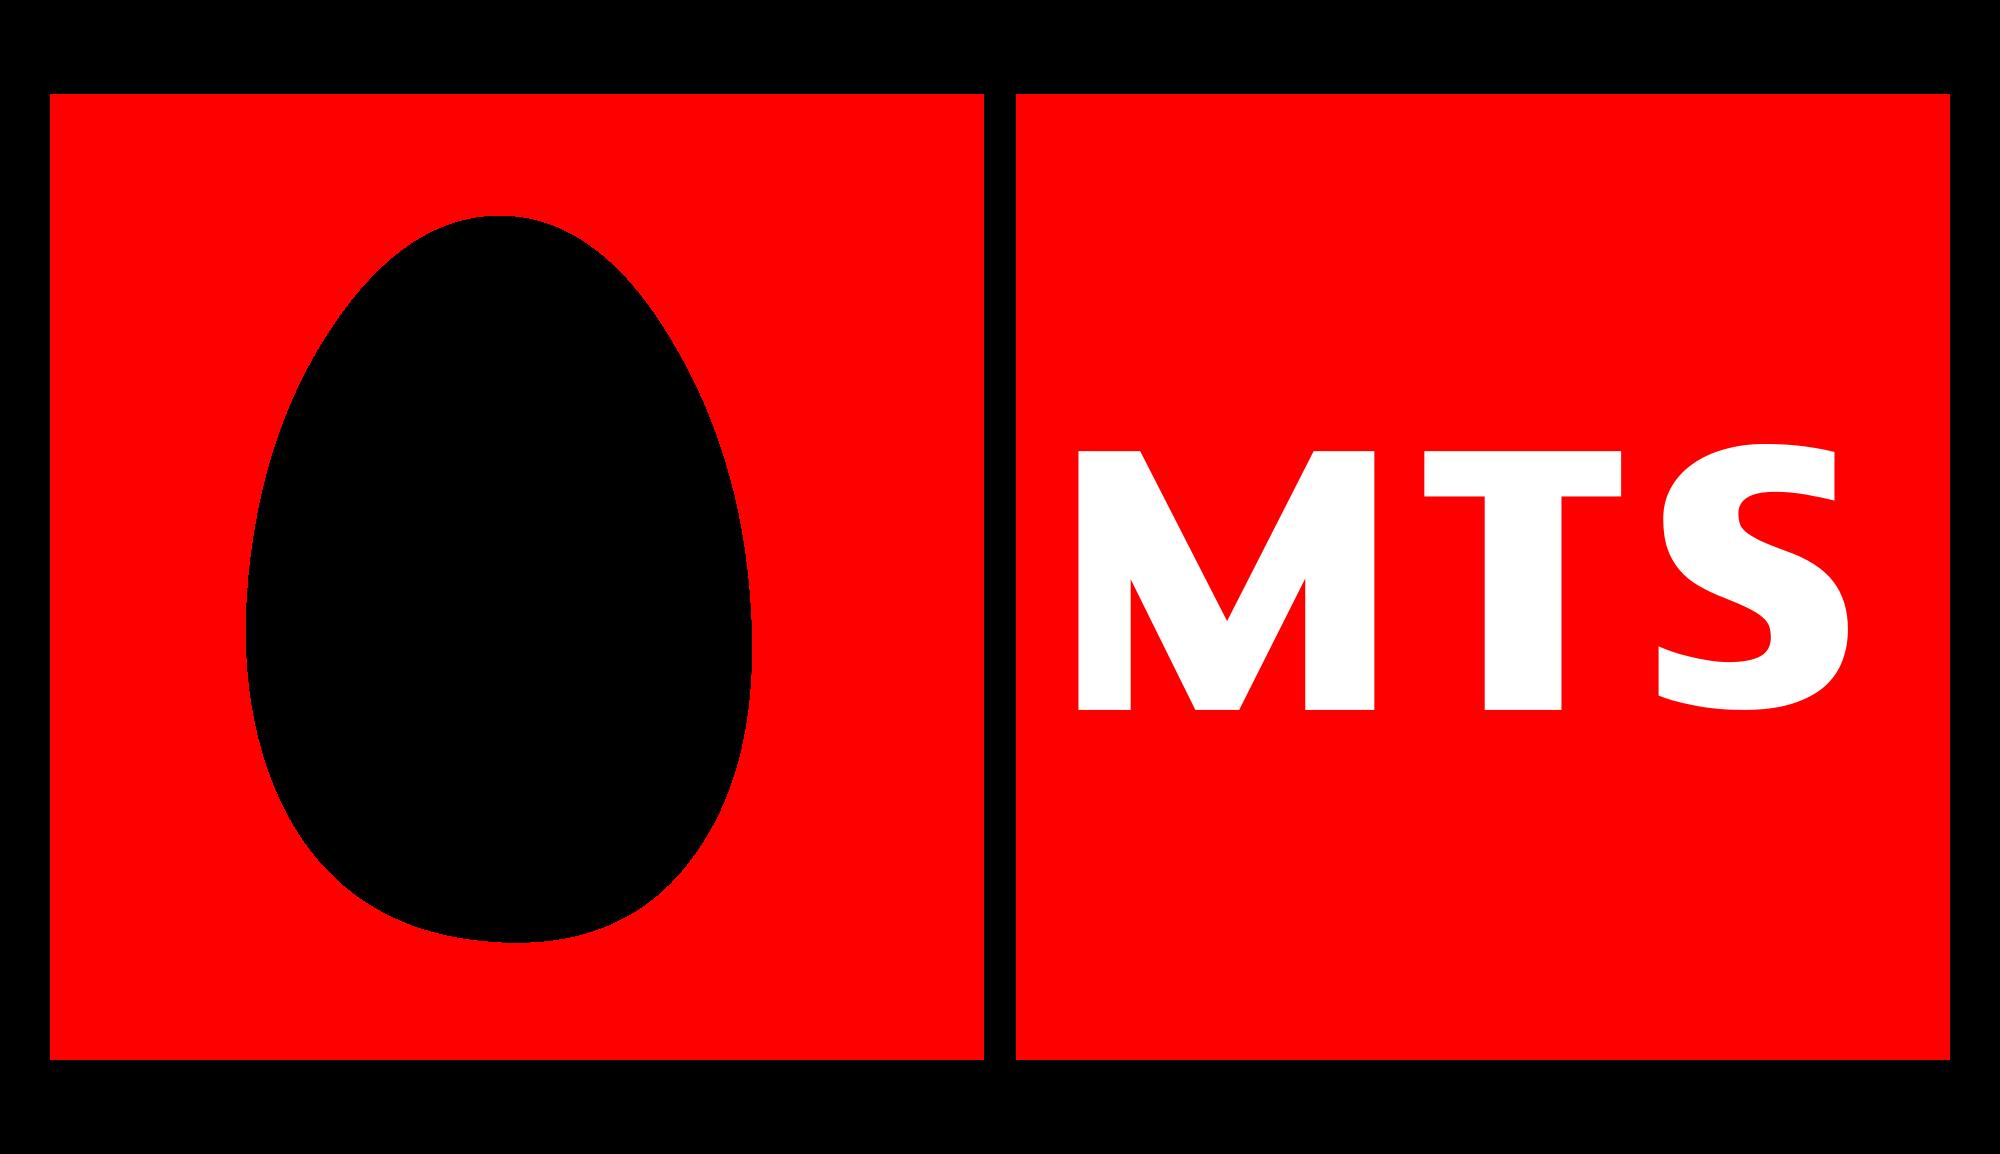 https://mixplat.ru/img/images/MTSlogo.png